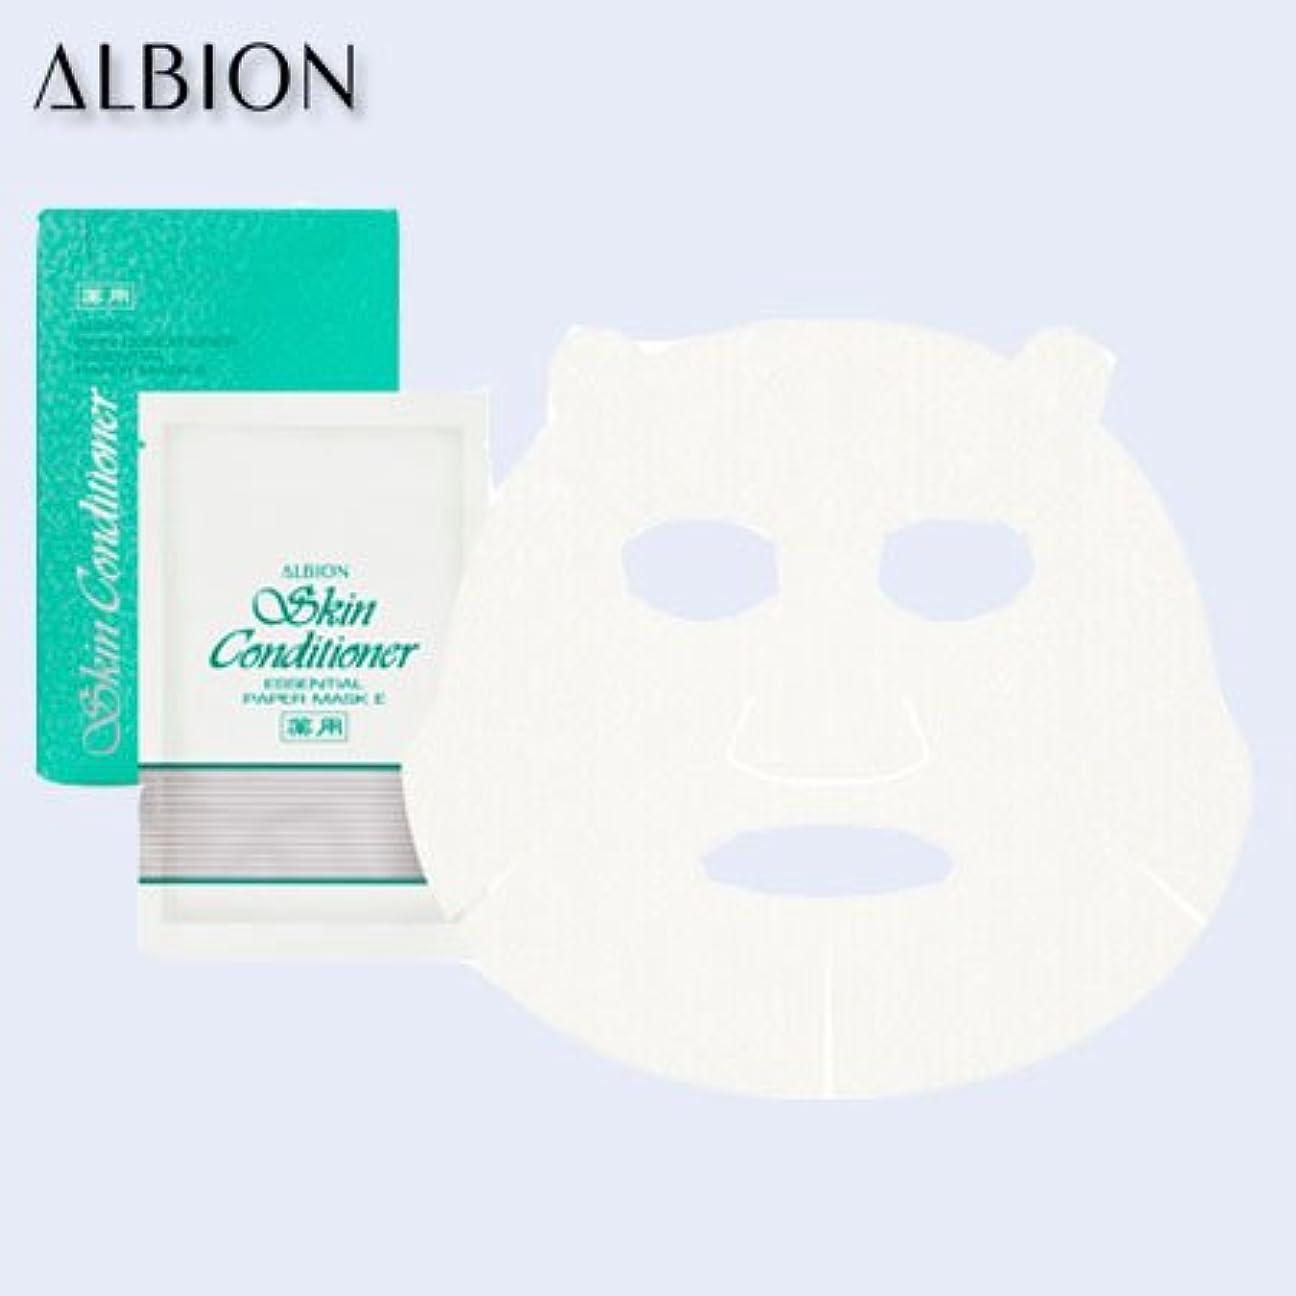 フライトブーストセメントアルビオン 薬用スキンコンディショナーエッセンシャルペーパーマスクE<医薬部外品>《12ml×8枚入》